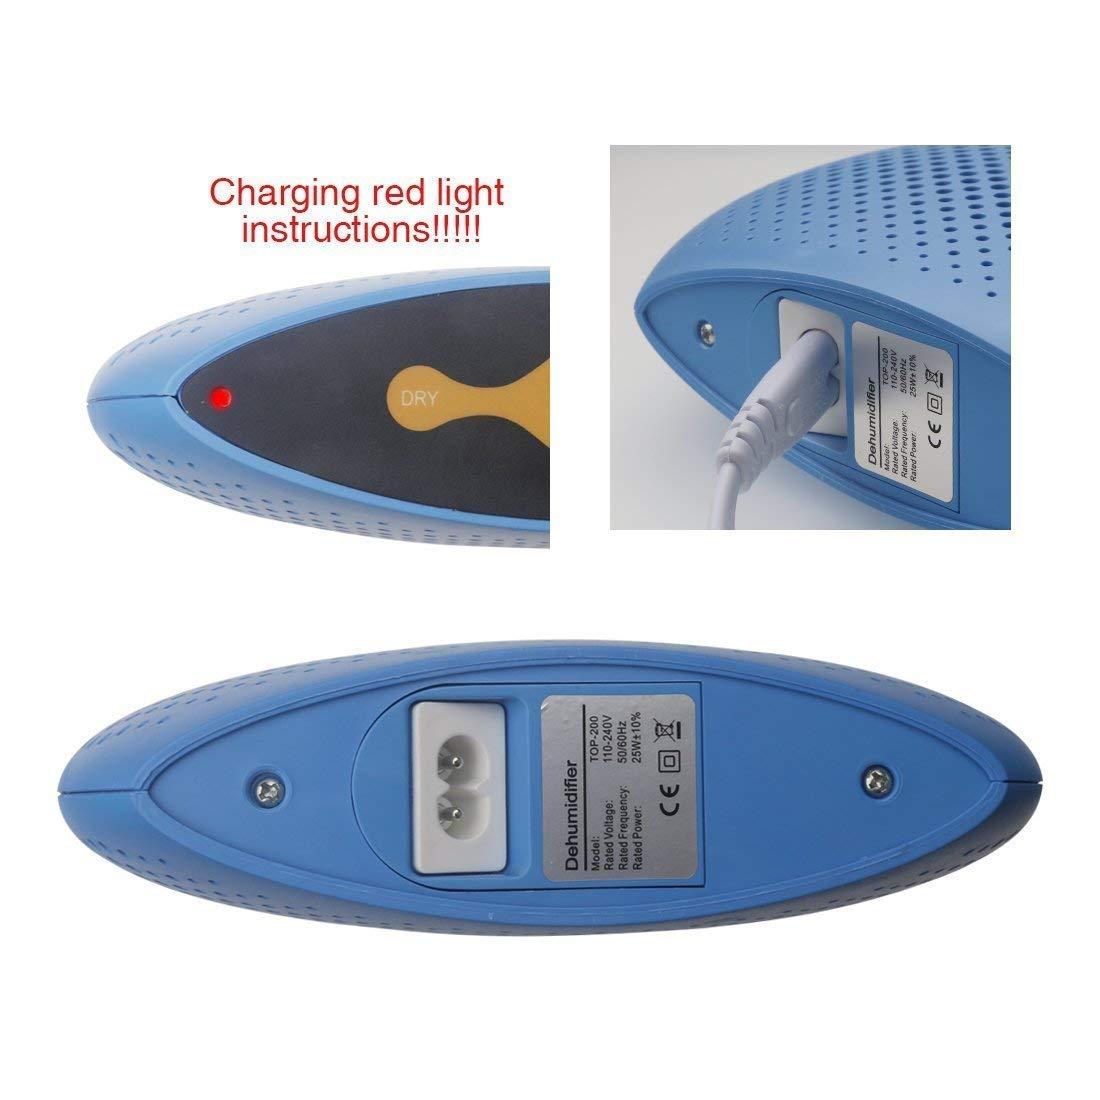 substitut de d/éshydratant Armoires ASEOK Mini d/éshumidificateur /électrique d/éshumidificateur /électronique portable domestique d/éshumidificateur r/ég/én/érateur dhumidit/é rechargeable C